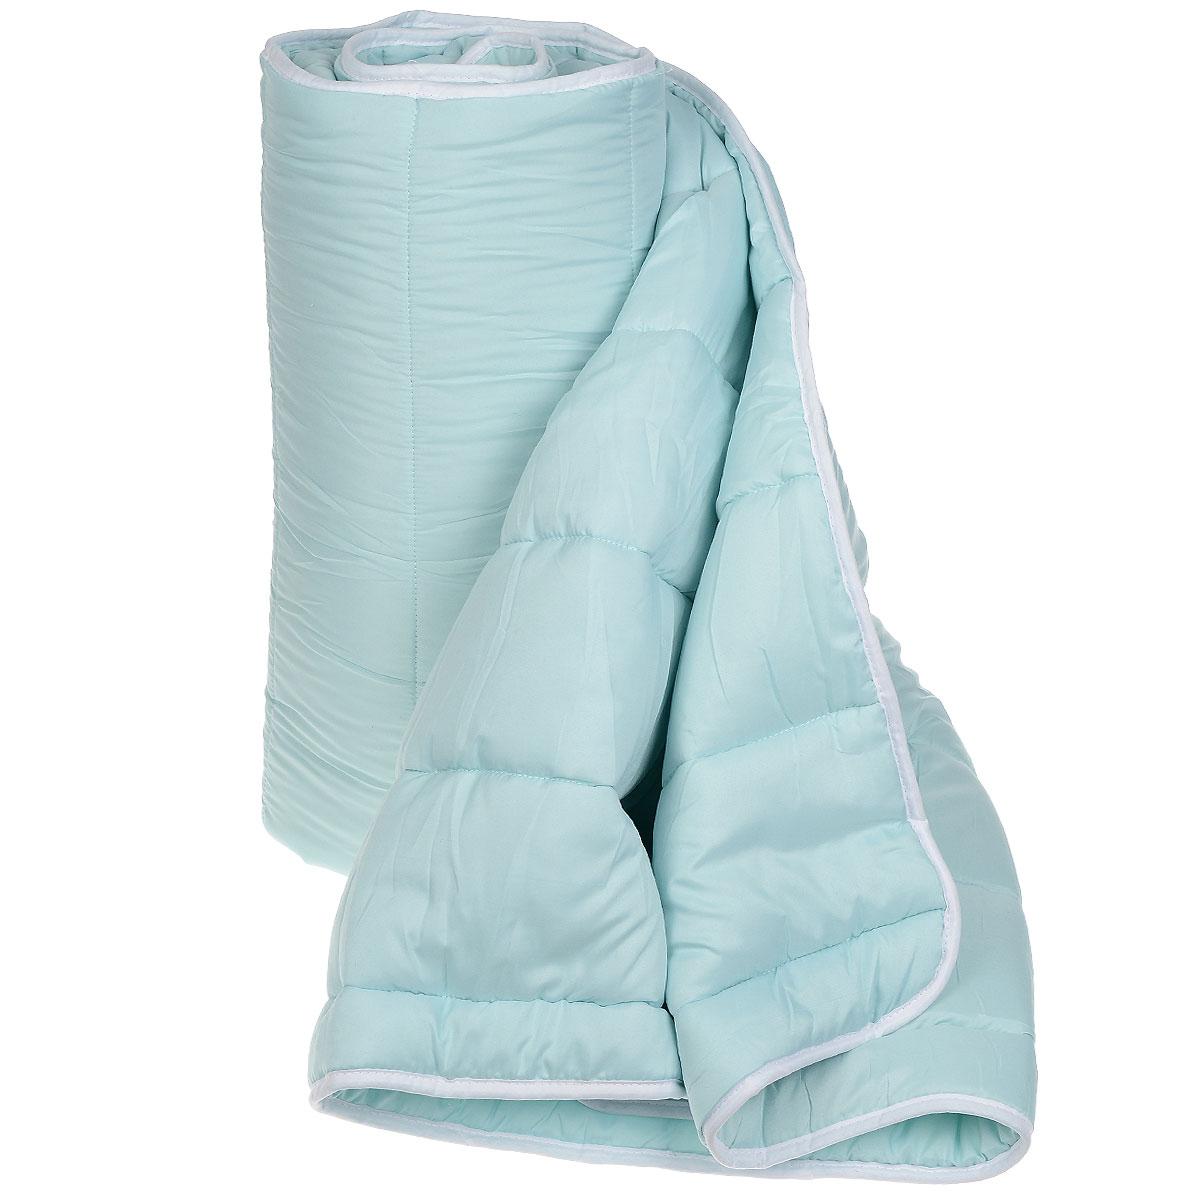 Одеяло всесезонное OL-Tex Miotex, наполнитель: полиэфирное волокно Holfiteks, 172 х 205 см МХПЭ-18-3МХПЭ-18-3_голубойВсесезонное одеяло OL-Tex Miotex создаст комфорт и уют во время сна. Стеганый чехол выполнен из полиэстера и оформлен красивым рисунком. Внутри - наполнитель из полиэфирного высокосиликонизированного волокна Holfiteks, упругий и качественный. Холфитекс - современный экологически чистый синтетический материал, изготовленный по новейшим технологиям. Его уникальность заключается в расположении волокон, которые позволяют моментально восстанавливать форму и сохранять ее долгое время. Изделия с использованием Холфитекса очень удобны в эксплуатации - их можно часто стирать без потери потребительских свойств, они быстро высыхают, не впитывают запахов и совершенно гиппоаллергенны. Холфитекс также обеспечивает хорошую терморегуляцию, поэтому изделия с наполнителем из холфитекса очень комфортны в использовании. Одеяло с наполнителем Холфитекс порадует вас в любое время года. Оно комфортно согревает и создает отличный микроклимат. За одеялом легко ухаживать, можно стирать в...